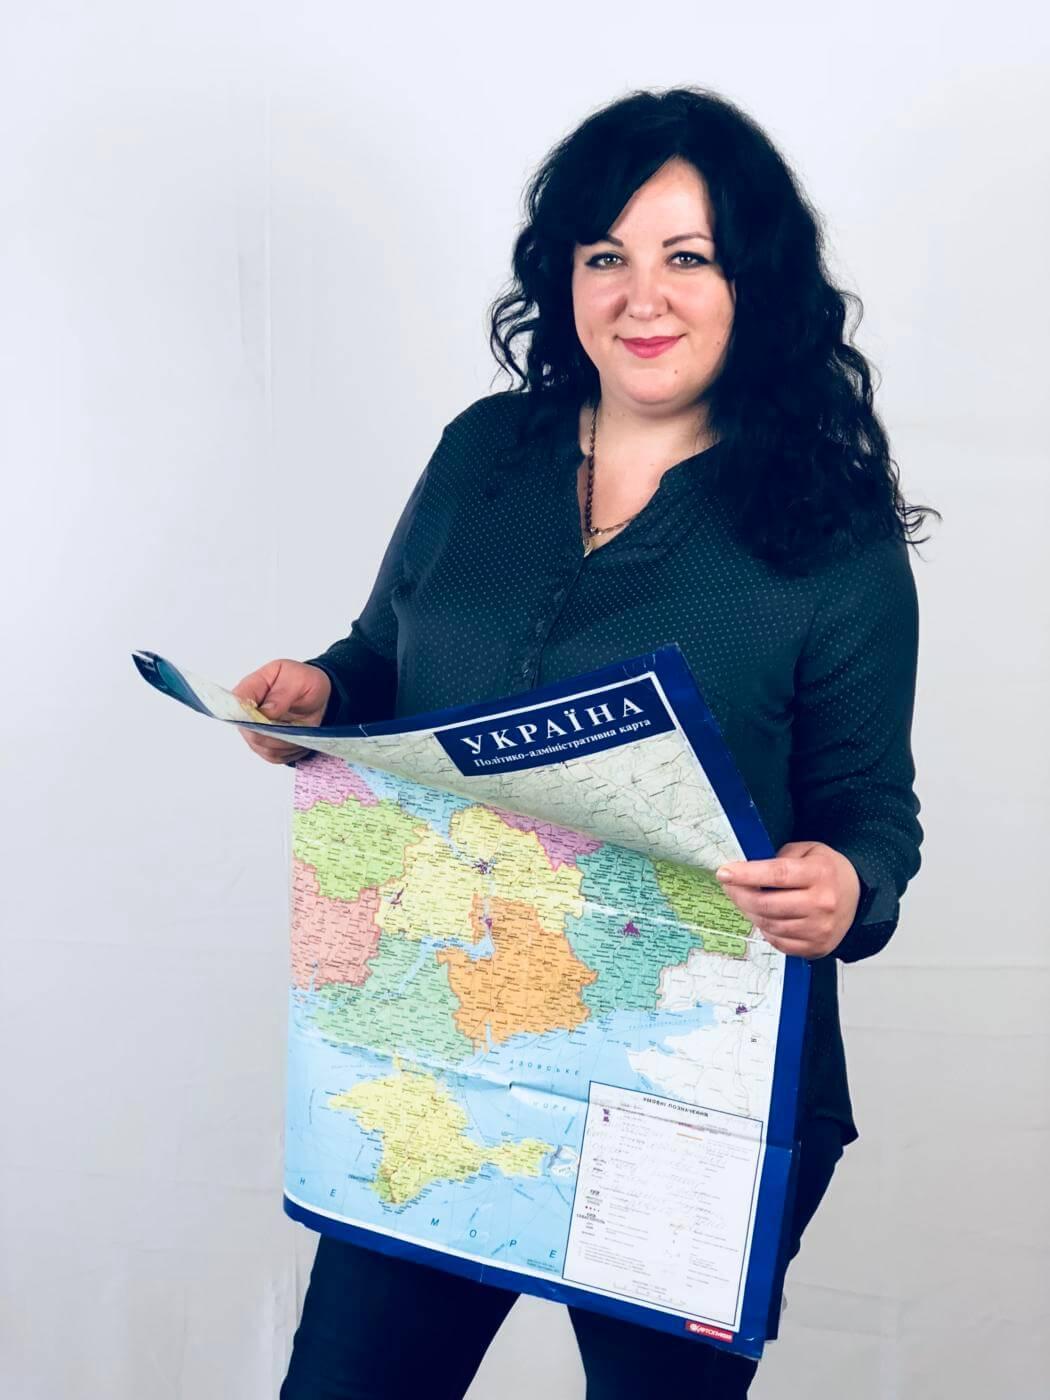 Виктория Даценко, исполнительный директор Grand Logistics Company